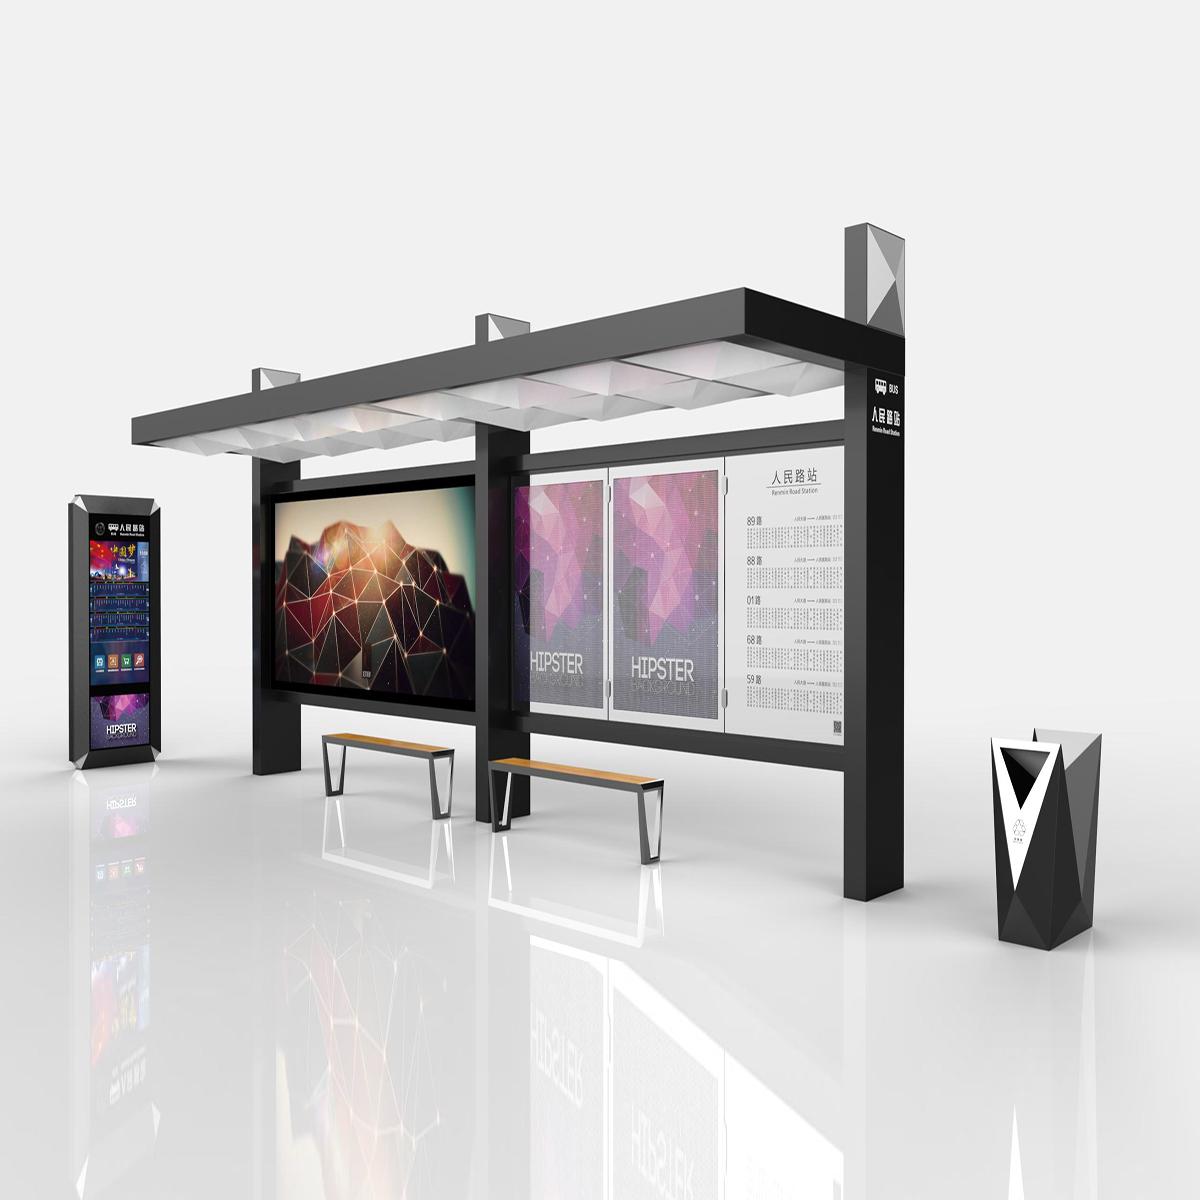 YEROO customized smart bus shelter-YEROO-img-1